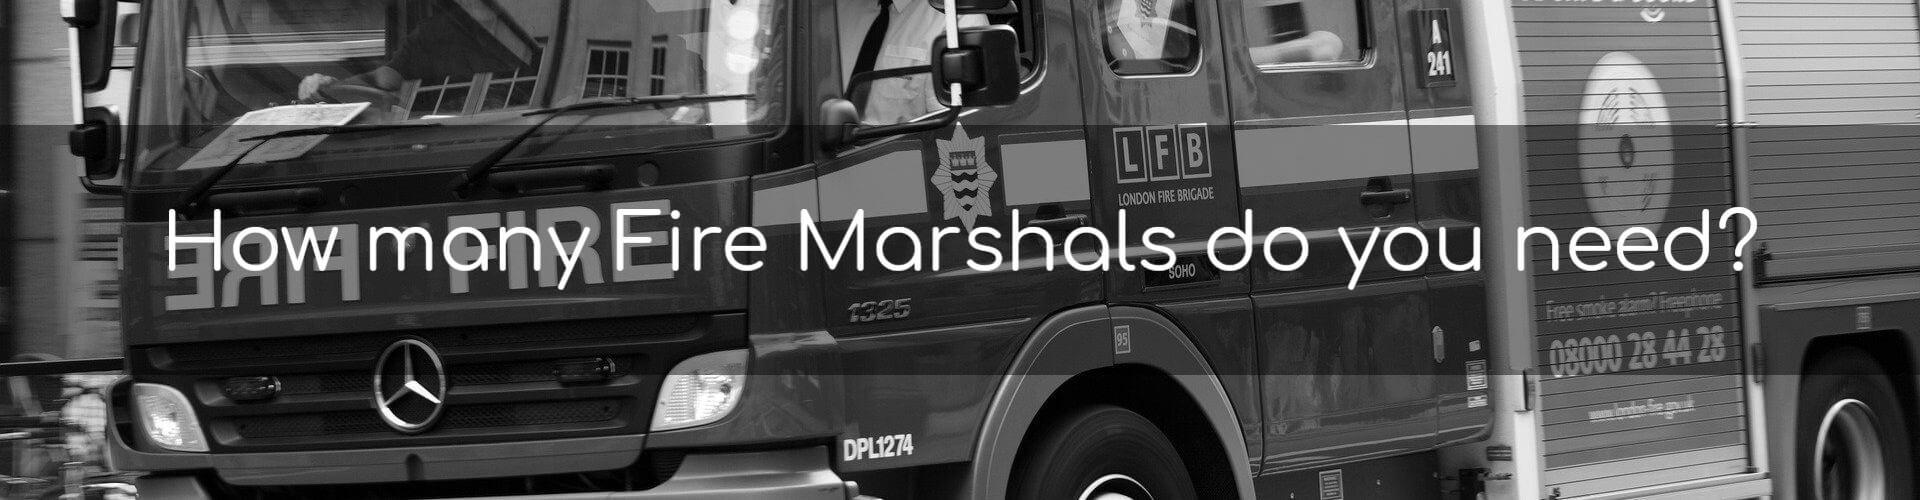 How many Fire Marshals do you need